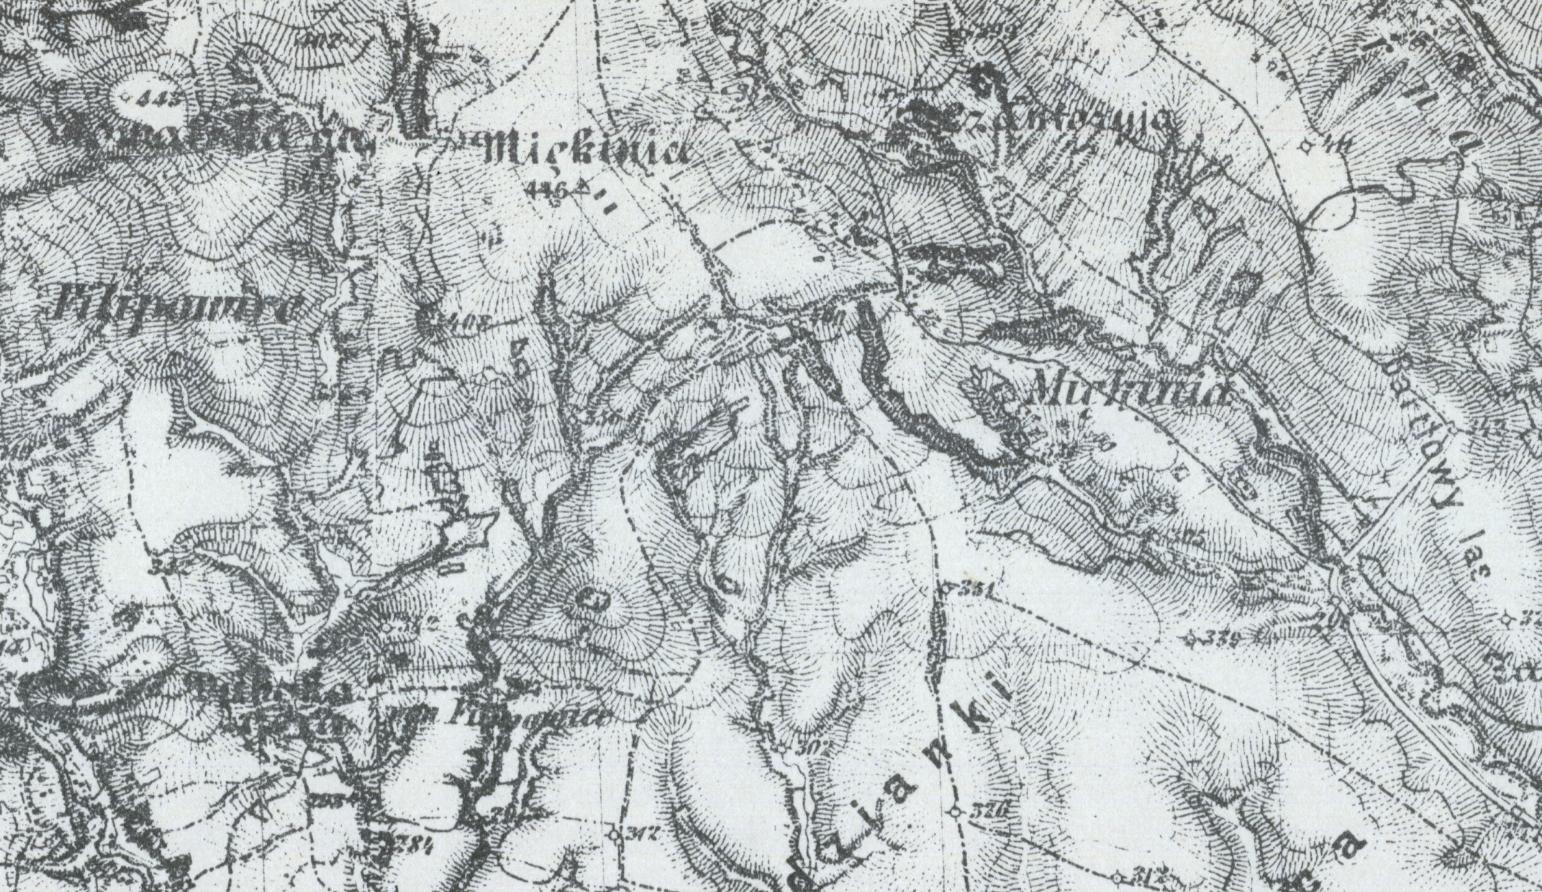 Miękinia Czantoria m.nim.1943